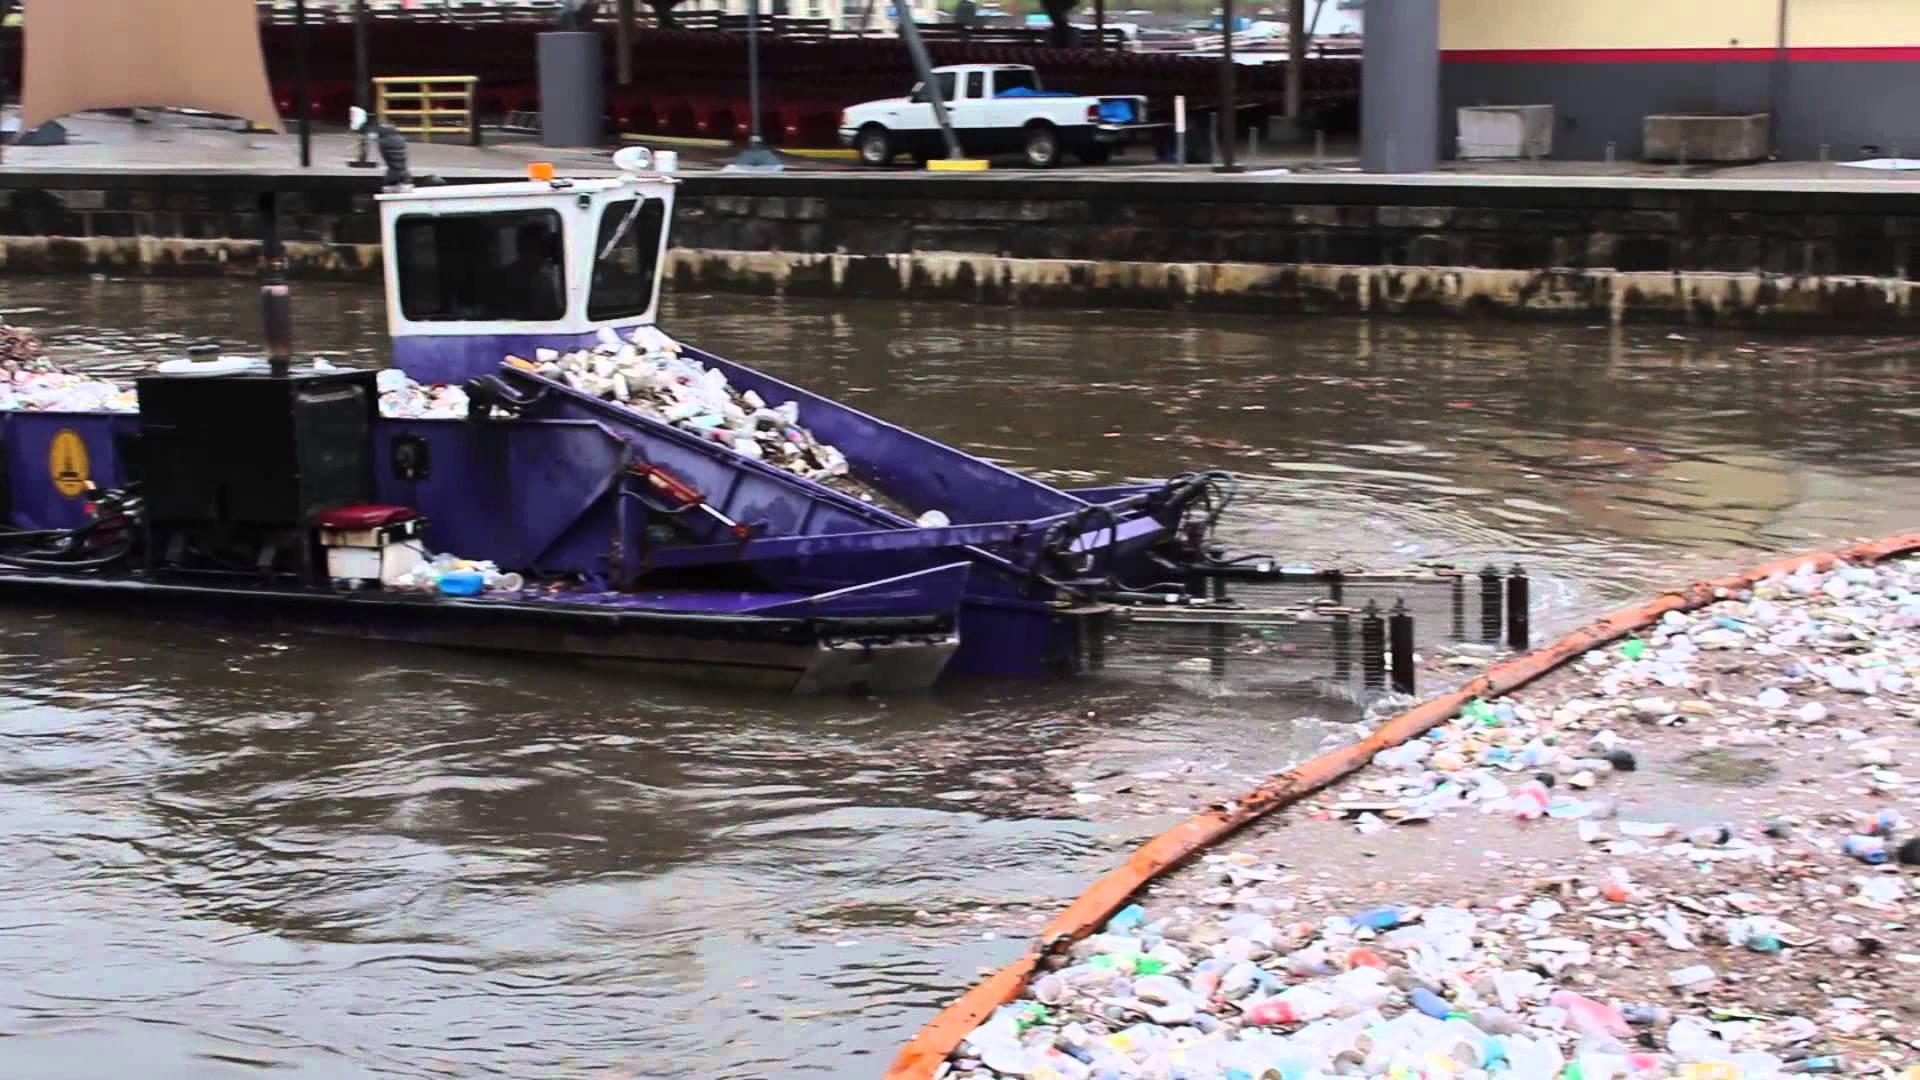 Bằng chiếc thuyền tự chế này, người dân Ấn Độ đã dọn sạch rác trên sông hồ: Chi phí thấp, 1 người lái là đủ